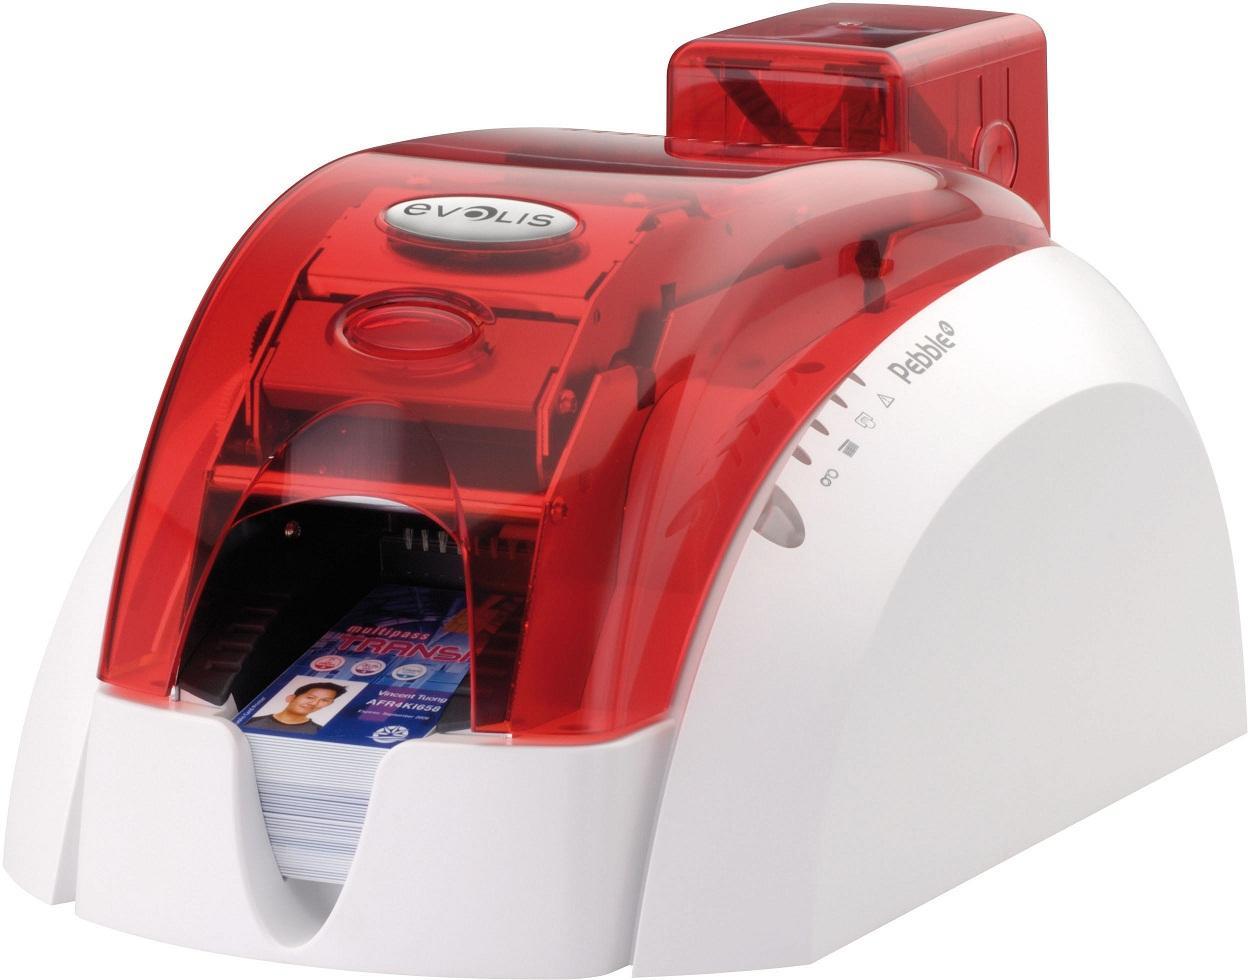 Принтер пластиковых карт Evolis Pebble4 Smart USB